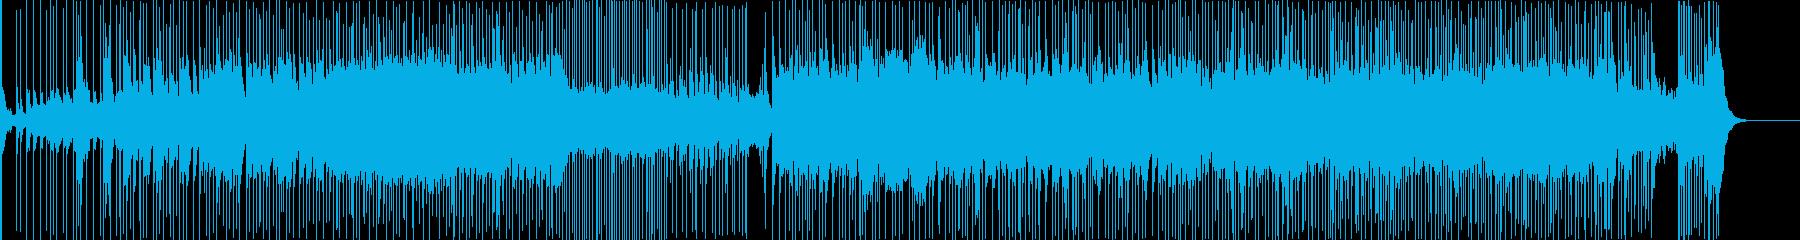 和楽器による疾走感のある日本風BGMの再生済みの波形